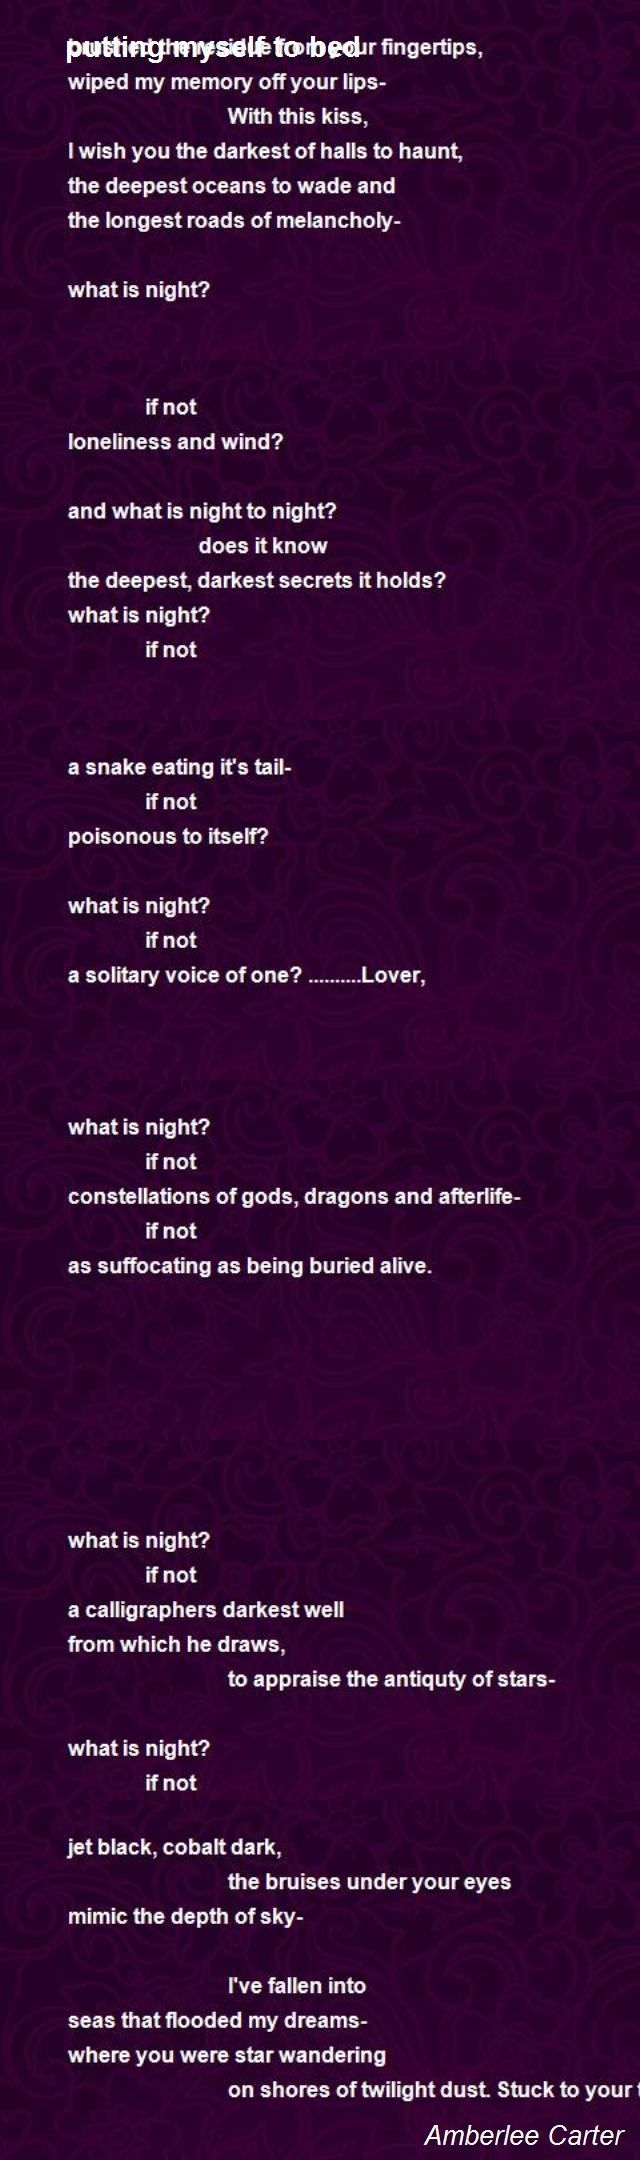 Https://www.poemhunter/poem/a-Poem-In-Delphi-1987